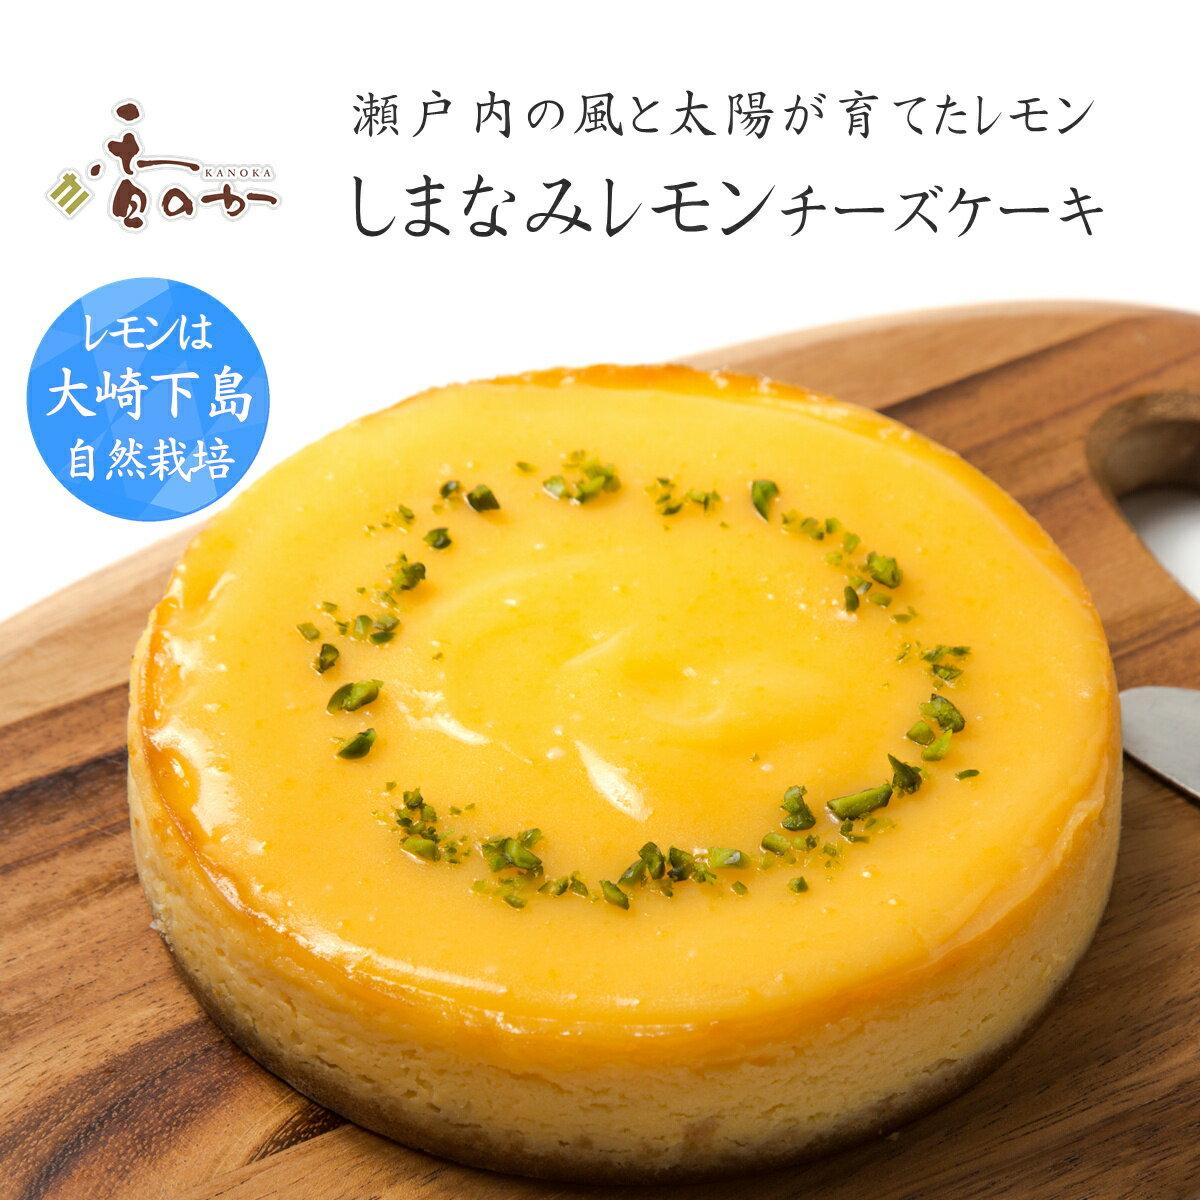 チーズケーキ 瀬戸内しまなみ レモンの すっぱさが広がる スイーツ 大崎下島産の自然農法レモンを使用 お取り寄せ ギフト 誕生日 母の日